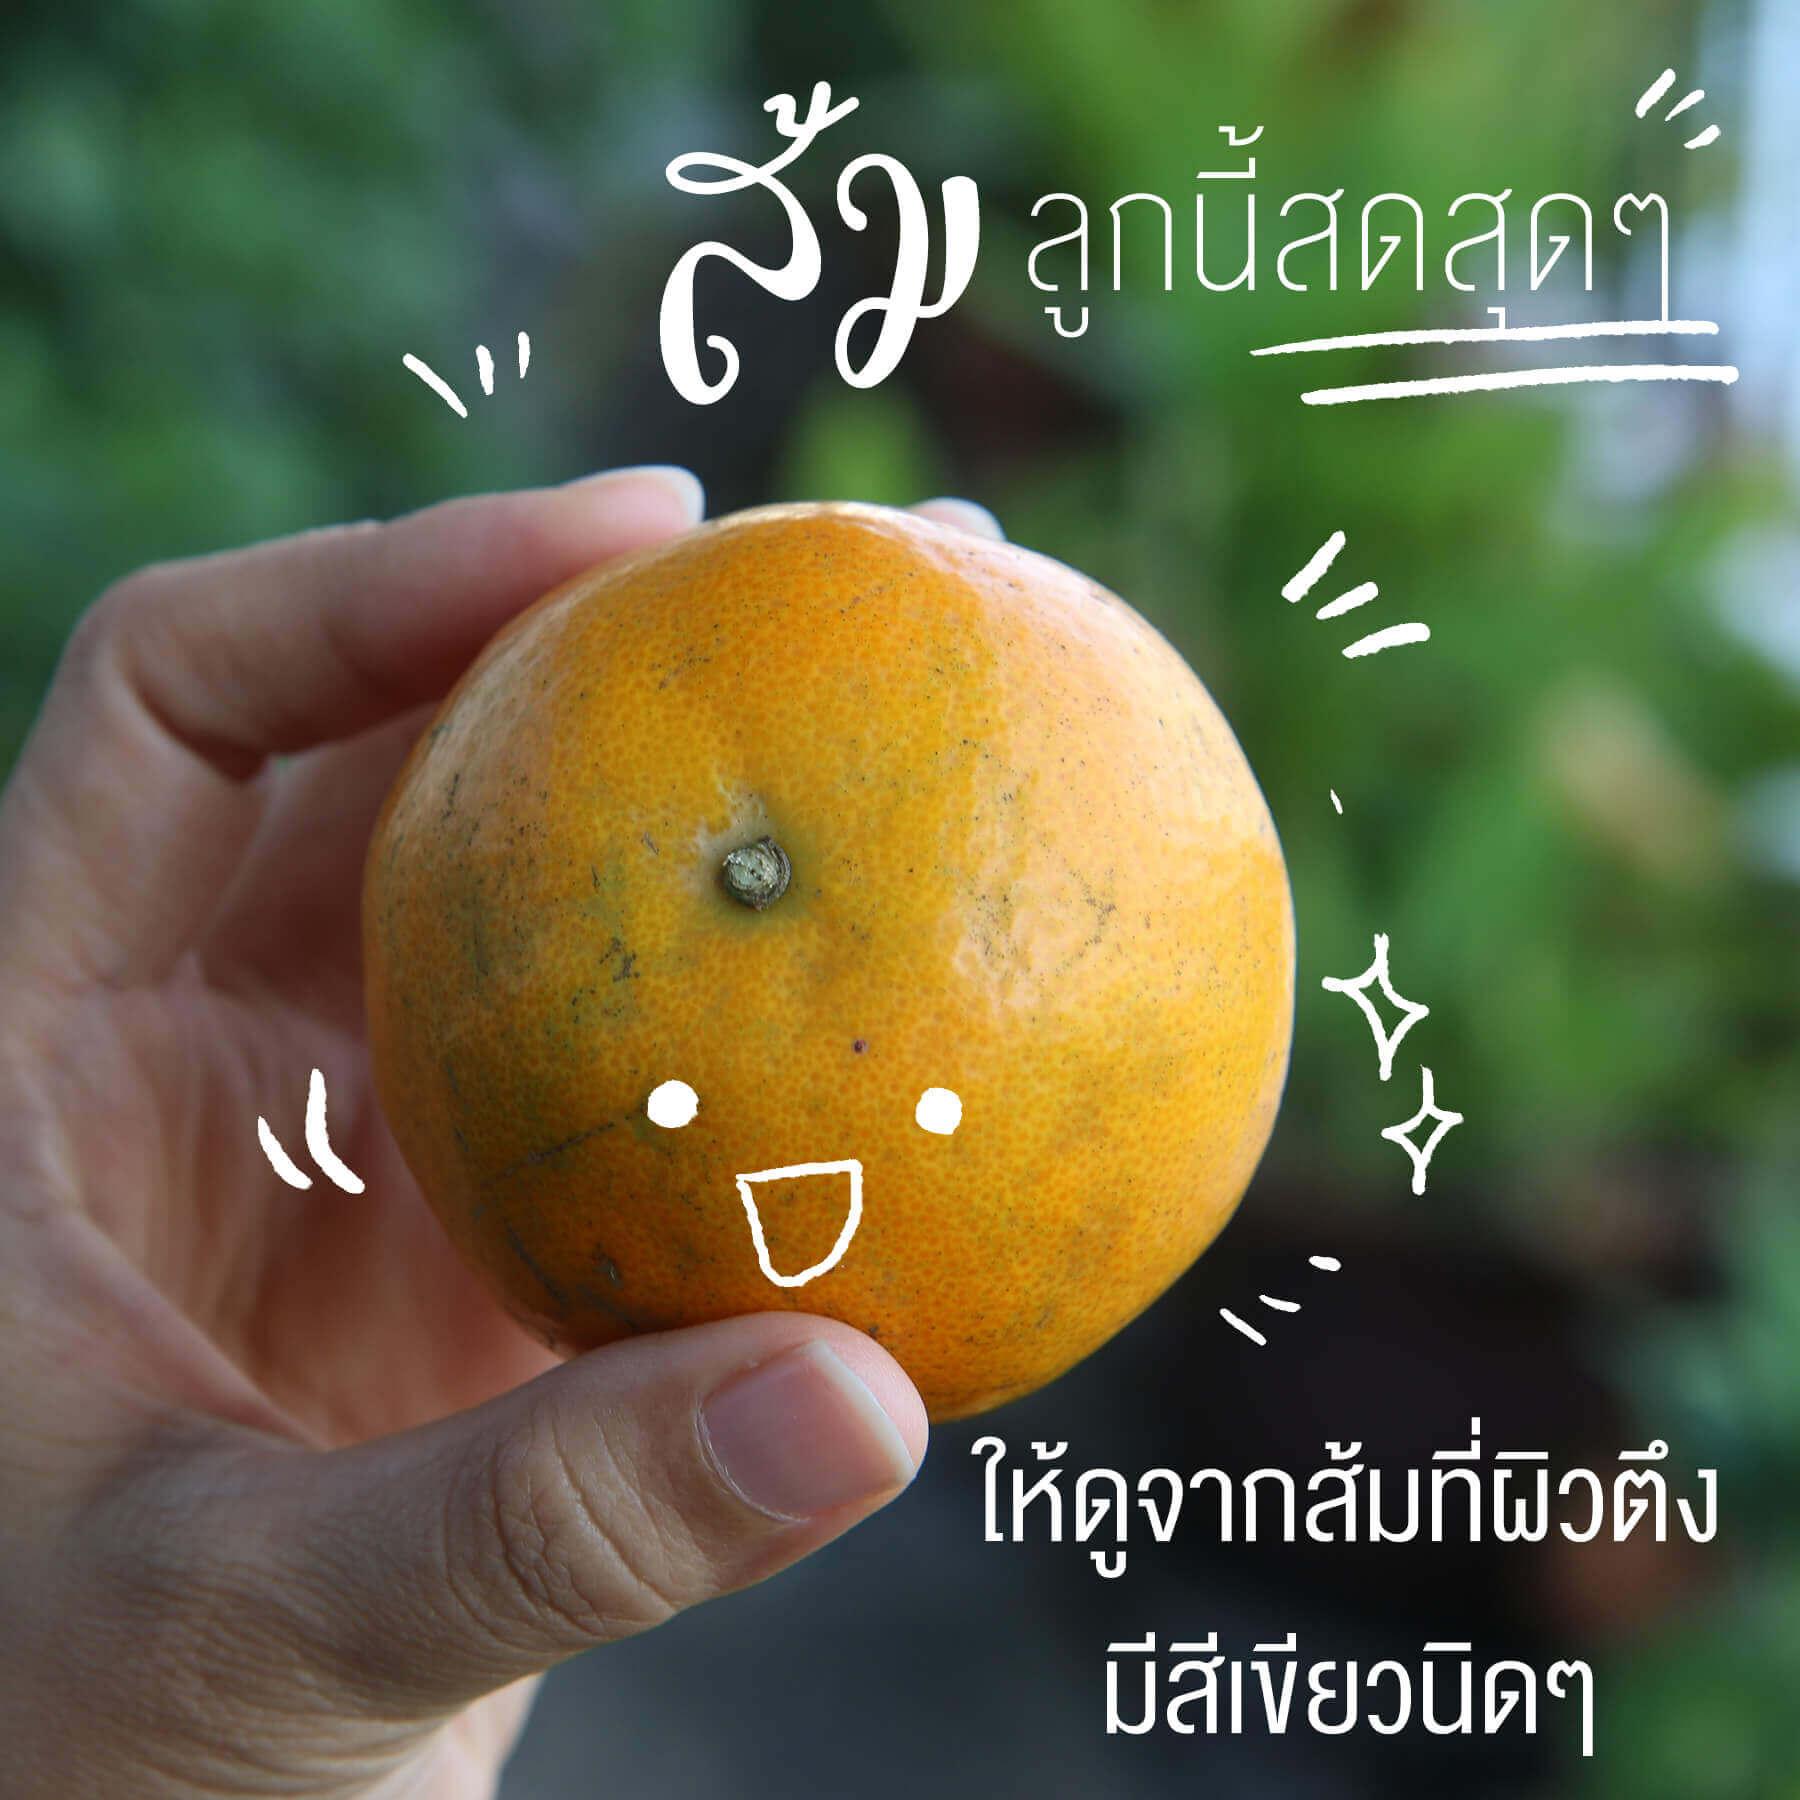 เลือกส้มยังไงให้หวานฉ่ำ, ส้มลูกหวานๆ, วิธีเลือกส้ม, ส้มเปรี้ยว